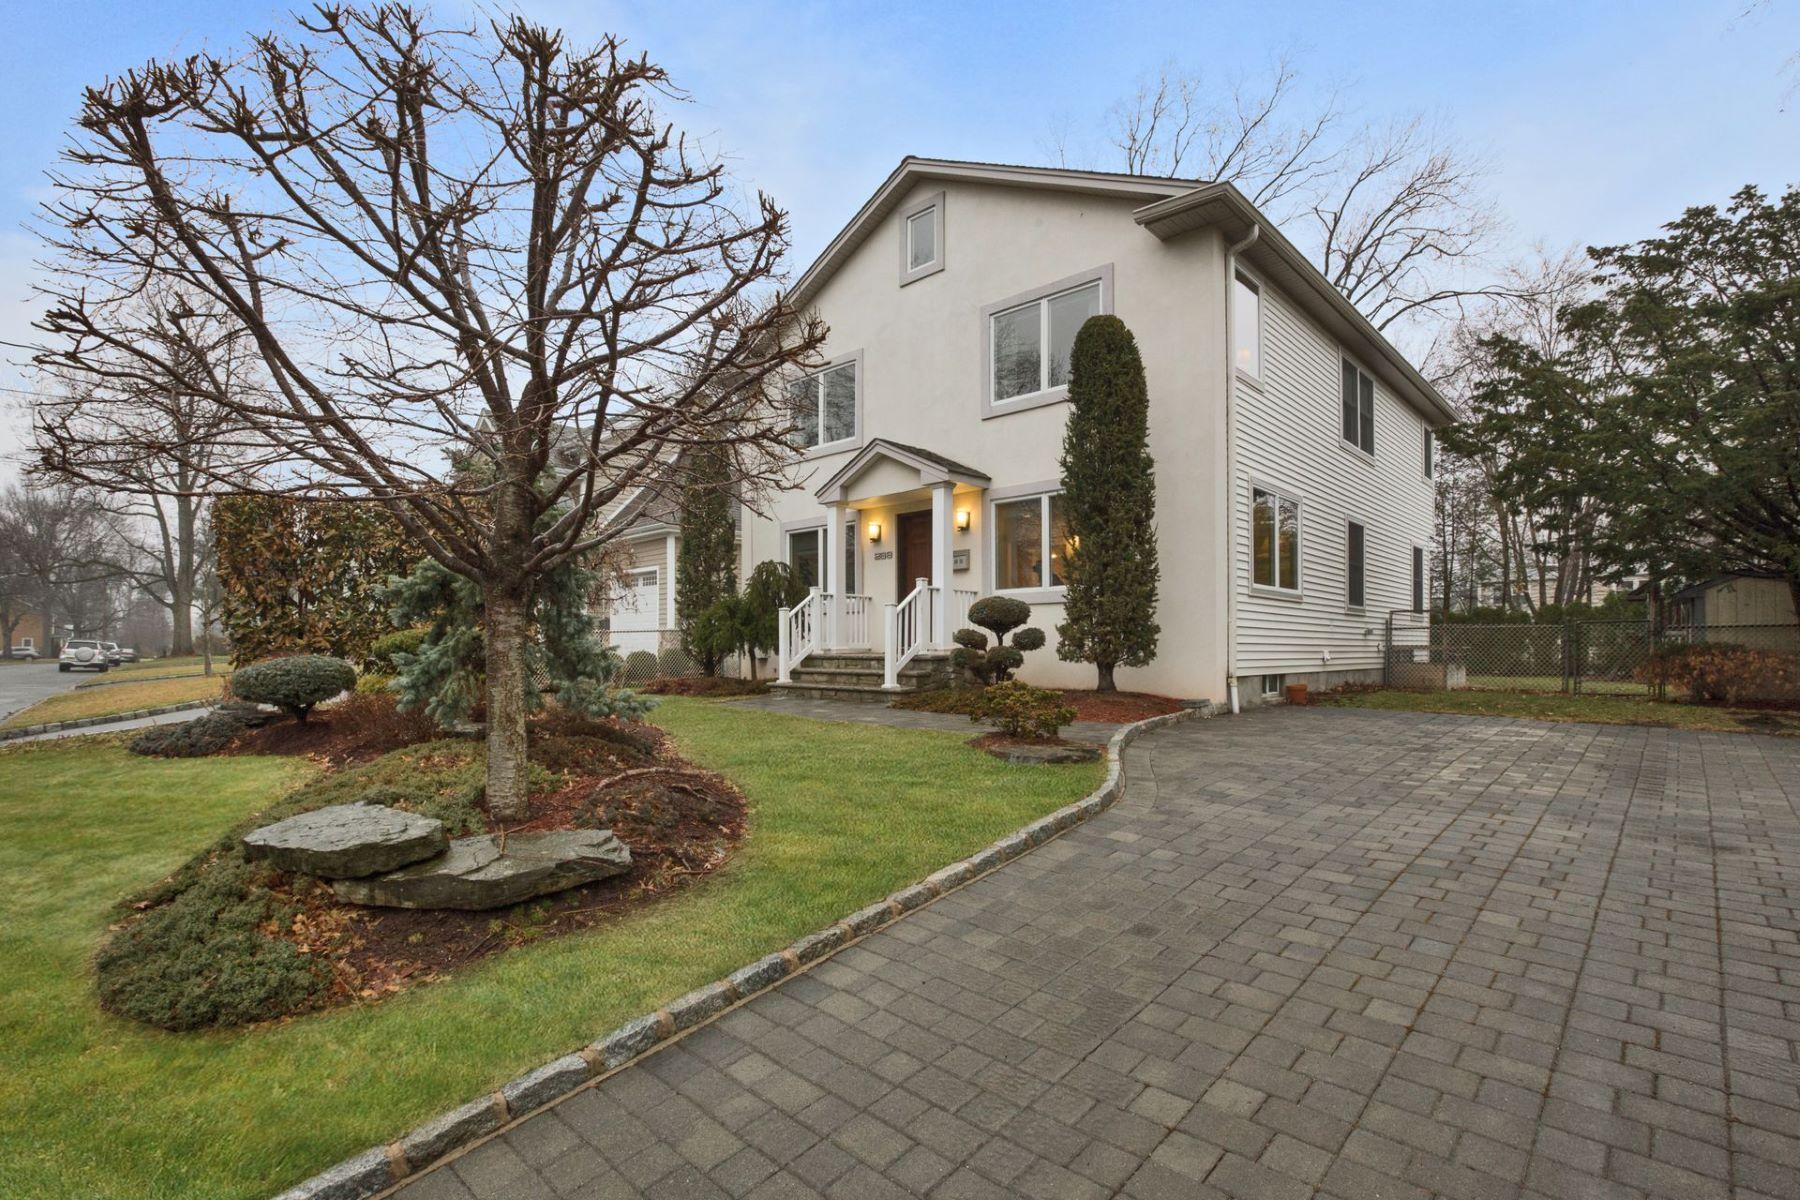 独户住宅 为 销售 在 Wonderful Colonial 268 Highland St, Cresskill, 新泽西州 07626 美国